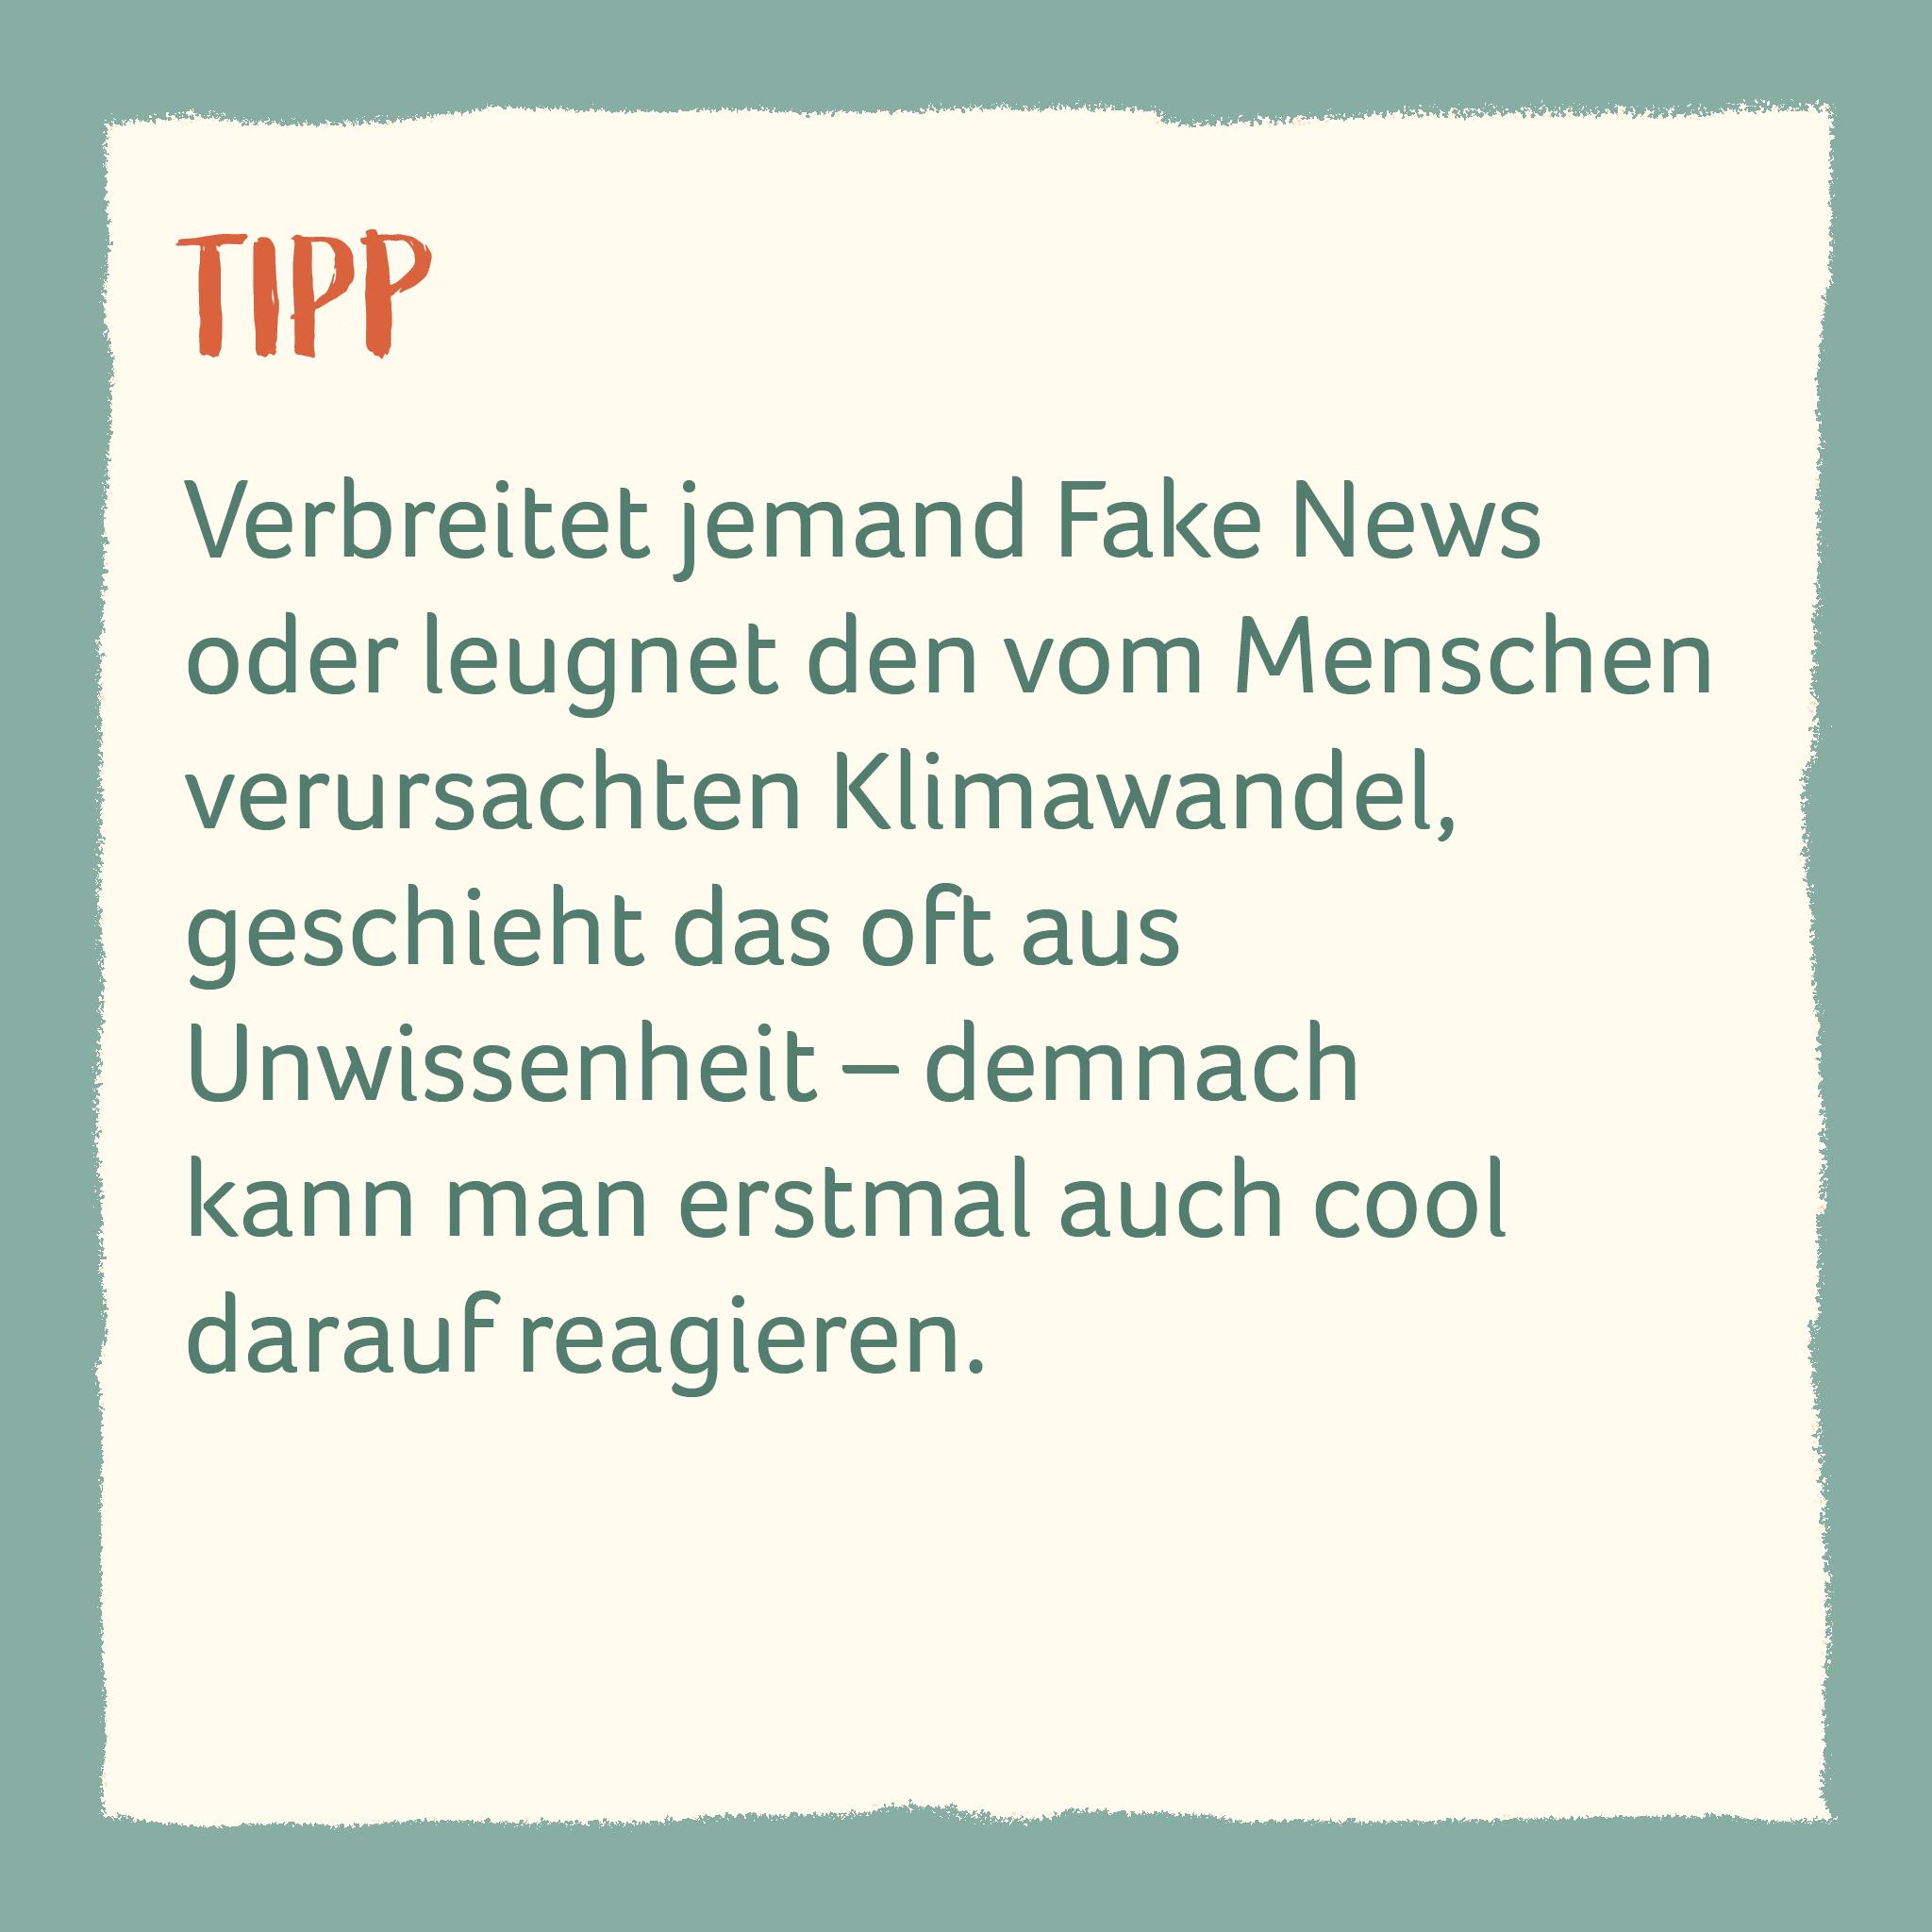 Verbreitet jemand Fake News oder leugnet den vom Menschen verursachten Klimawandel,  geschieht das oft aus  Unwissenheit – demnach kann man erstmal auch cool darauf reagieren.